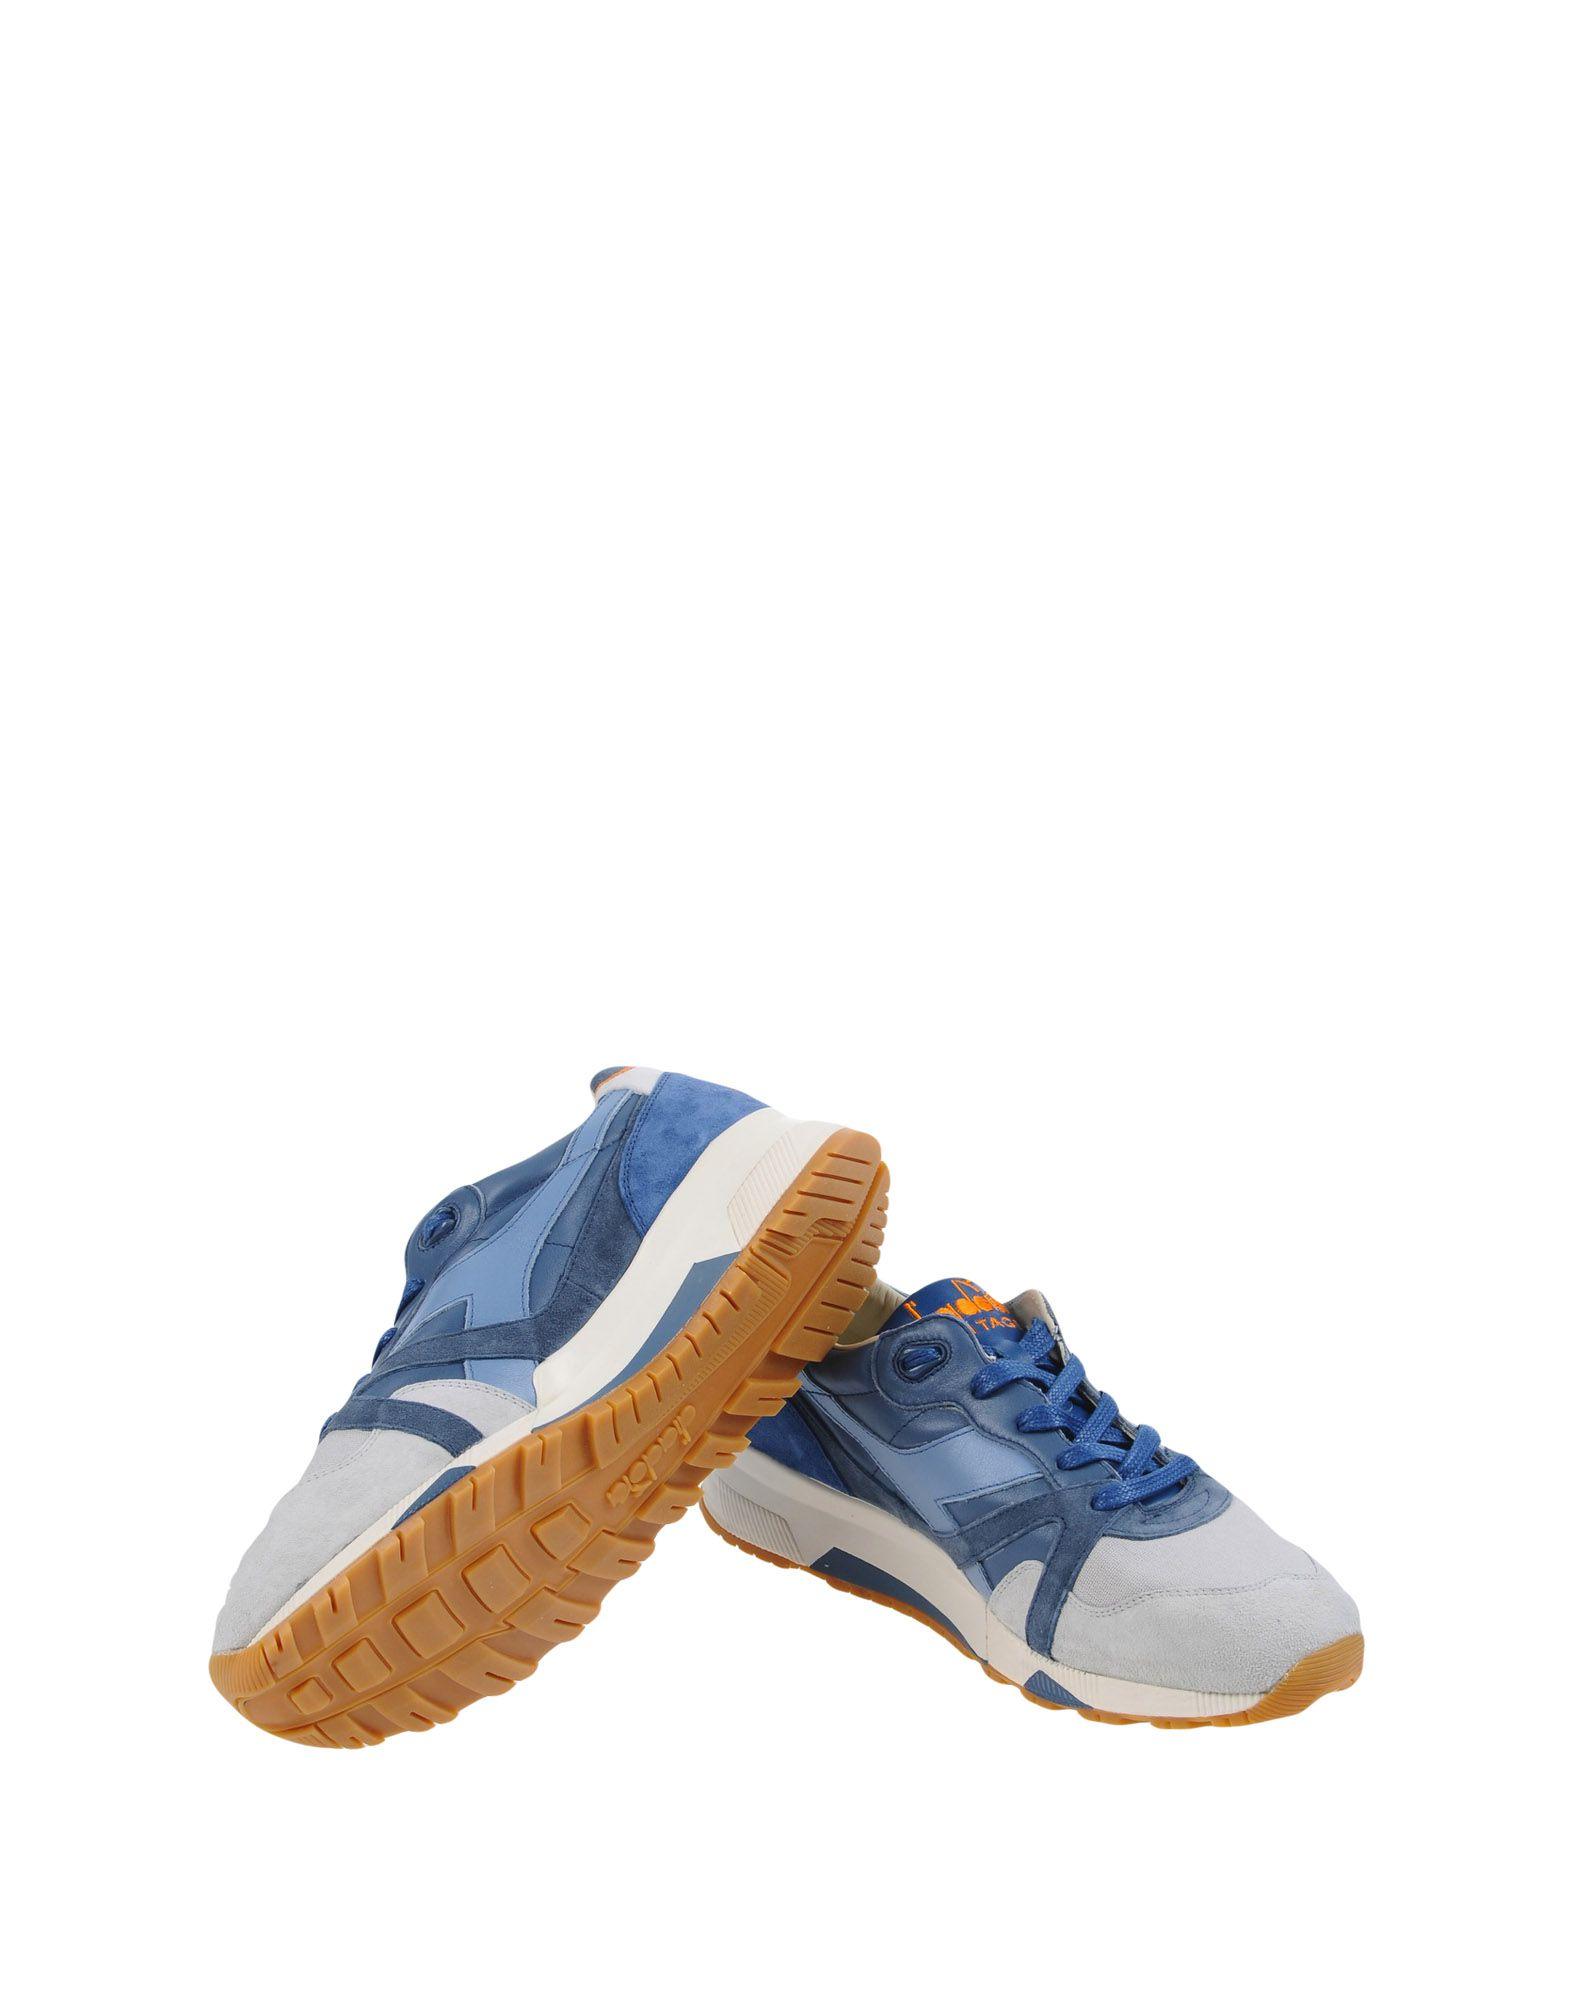 Sneakers Diadora Heritage N9000 Heritage - Homme - Sneakers Diadora Heritage sur